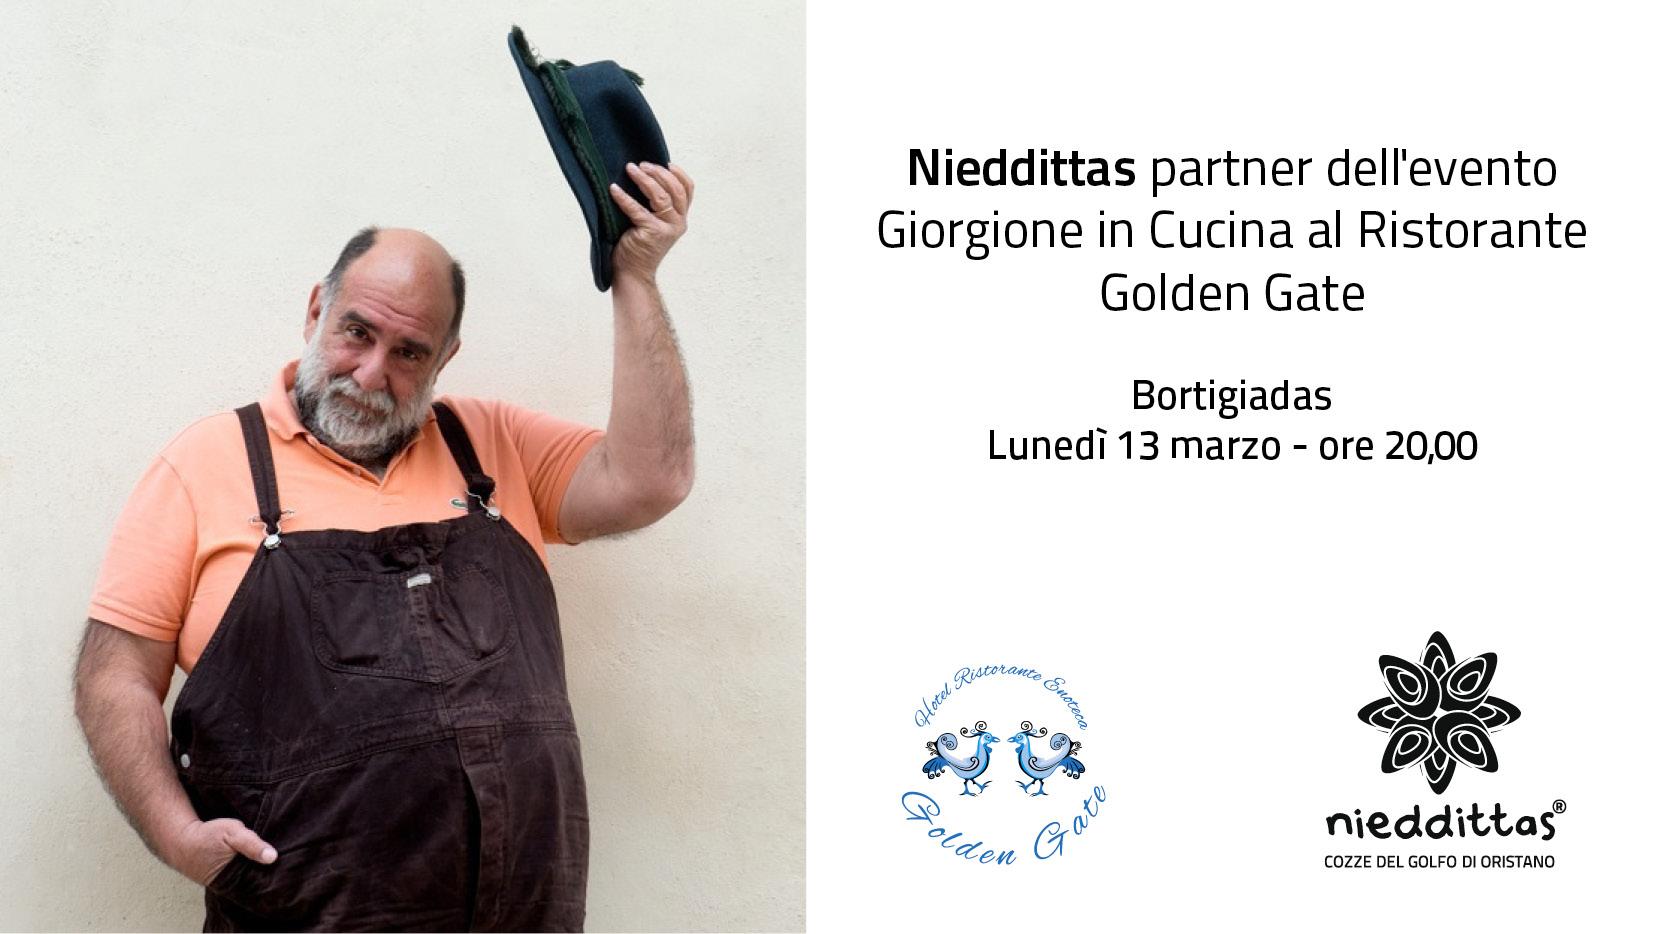 GoldenGate Chef Giorgione